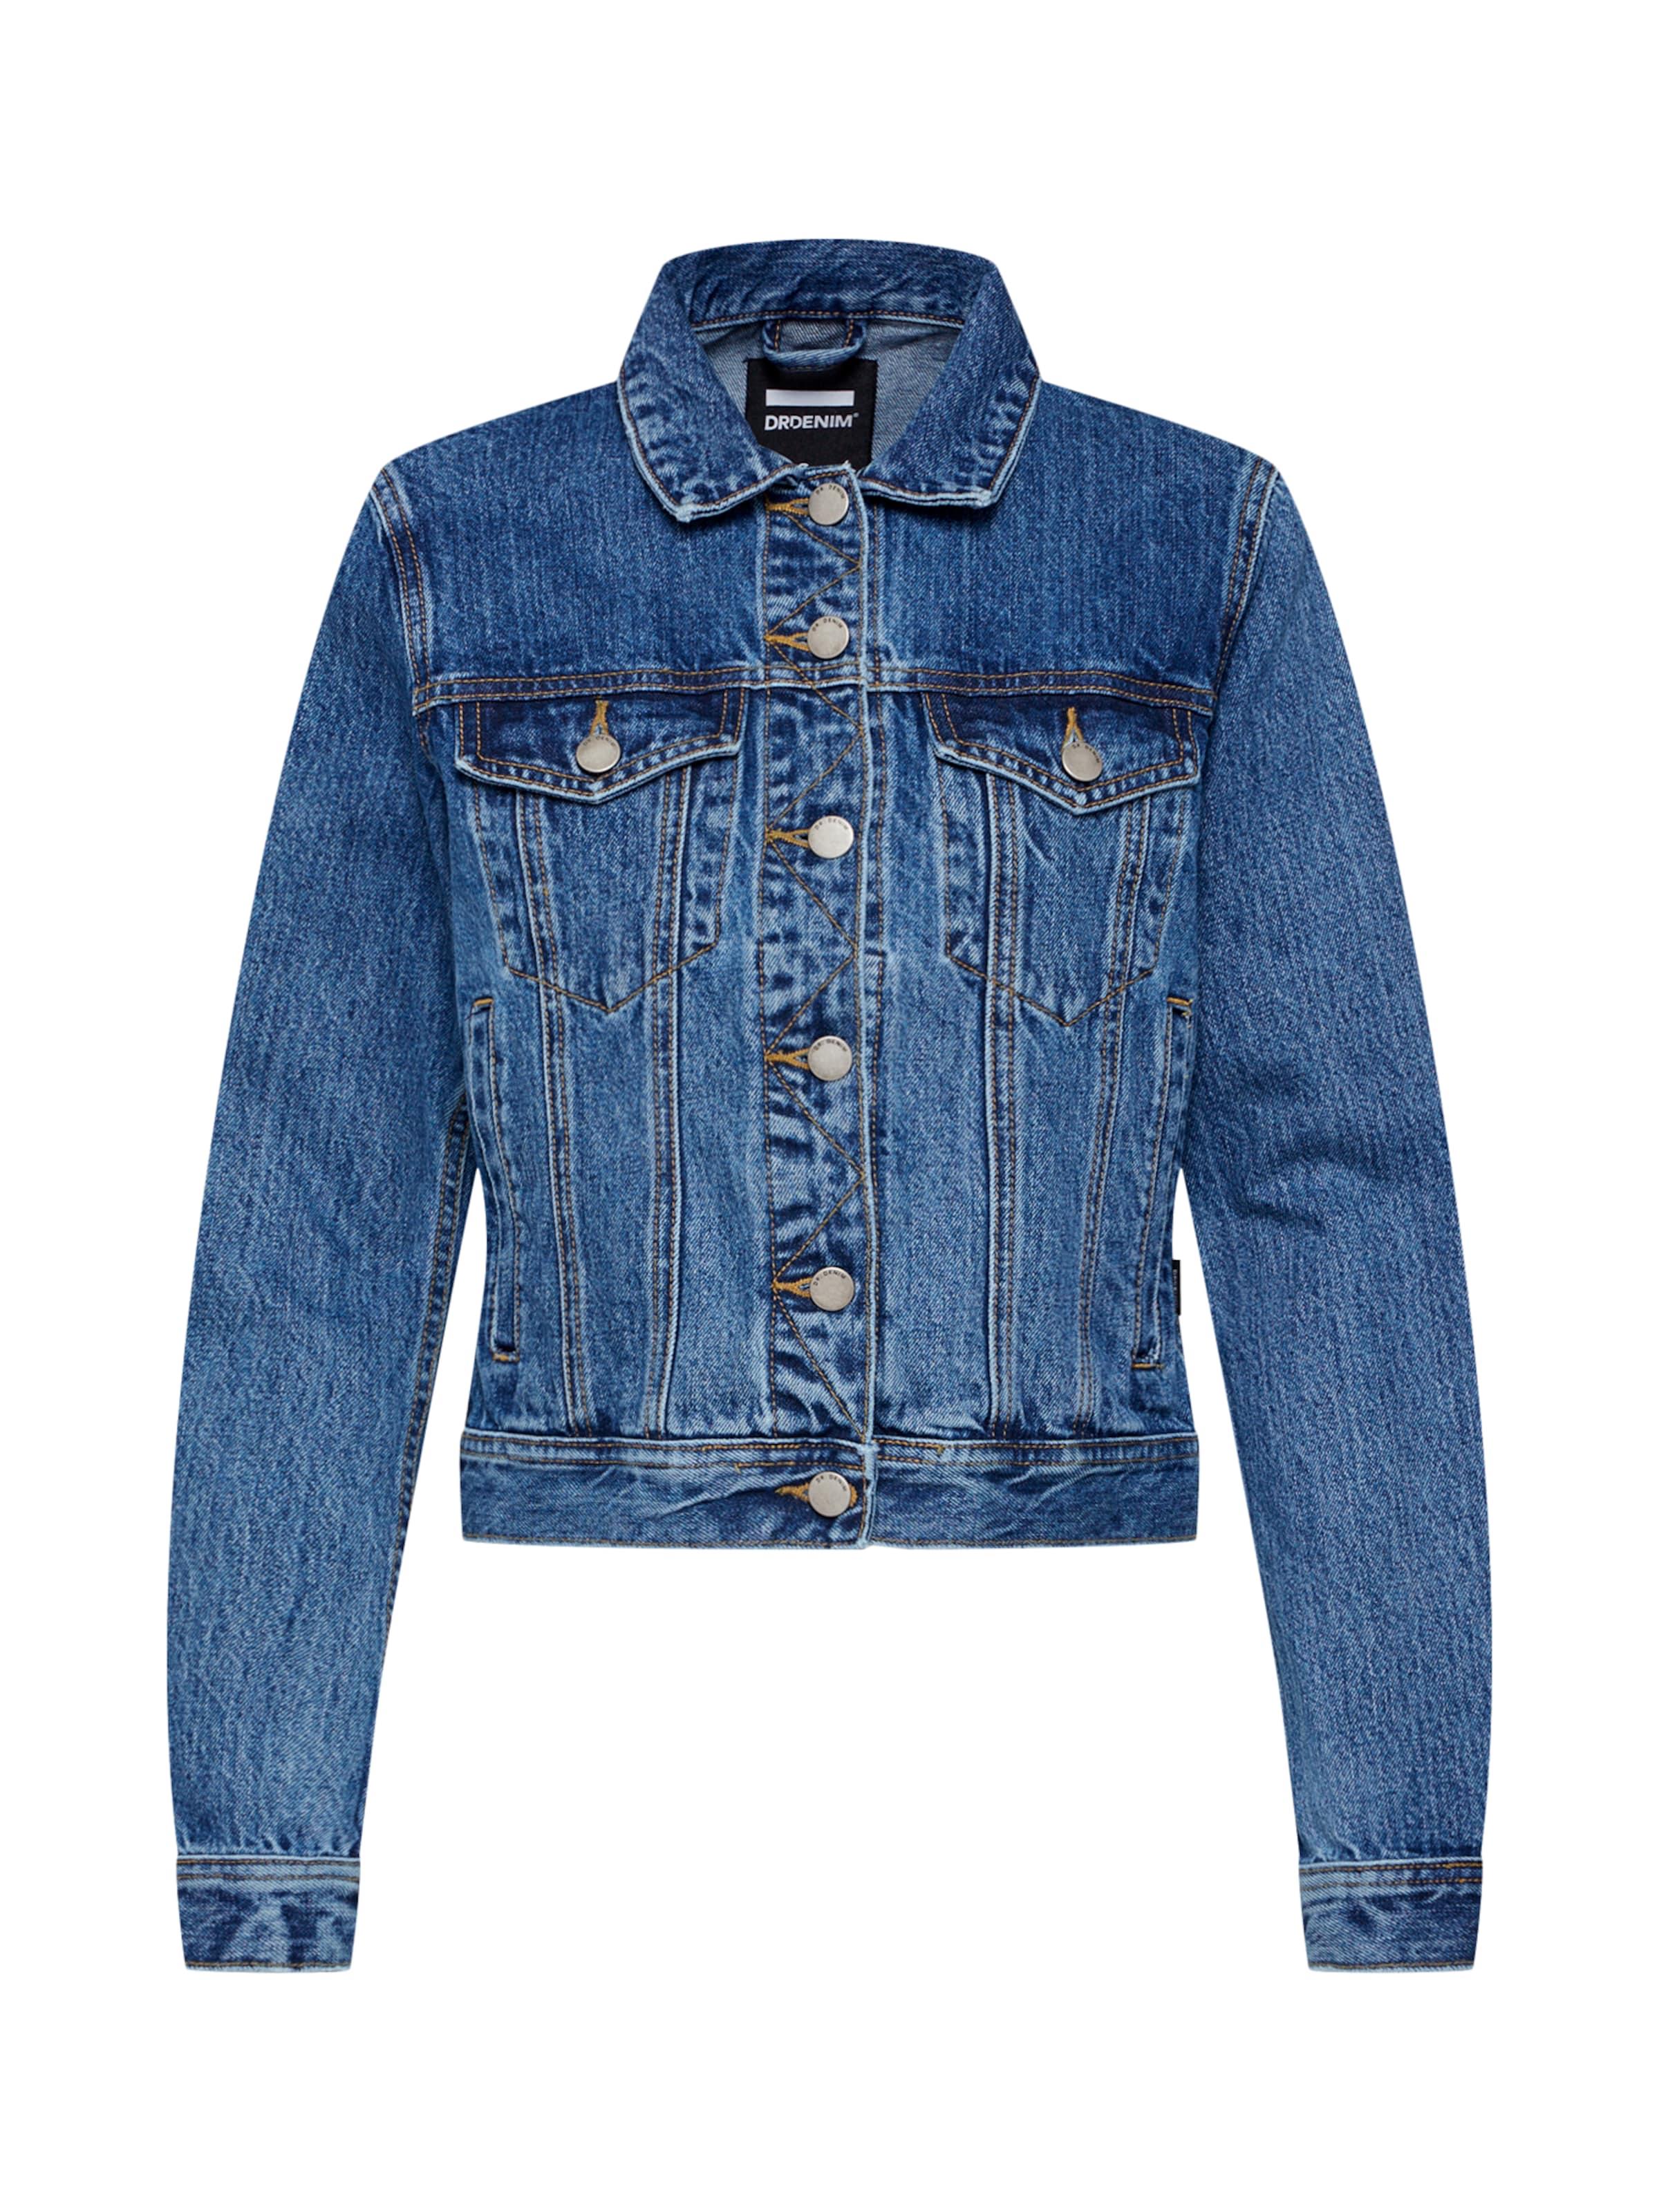 'viva Mi Trucker In saison Jacket' DrDenimVeste Bleu yf6gvYb7